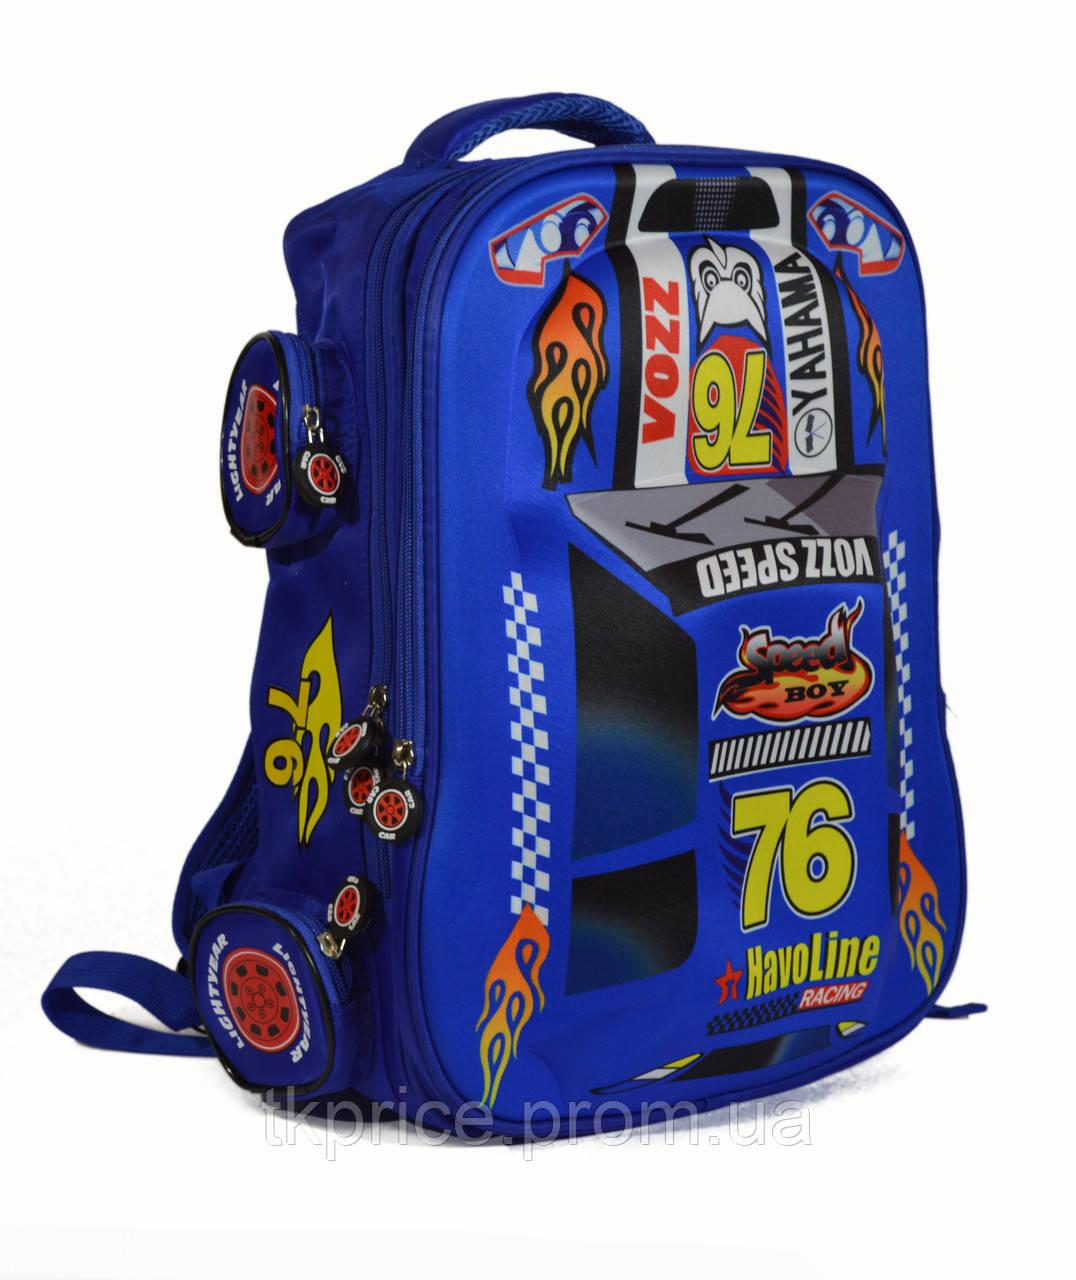 Школьный рюкзак для мальчика с3Д машинкой